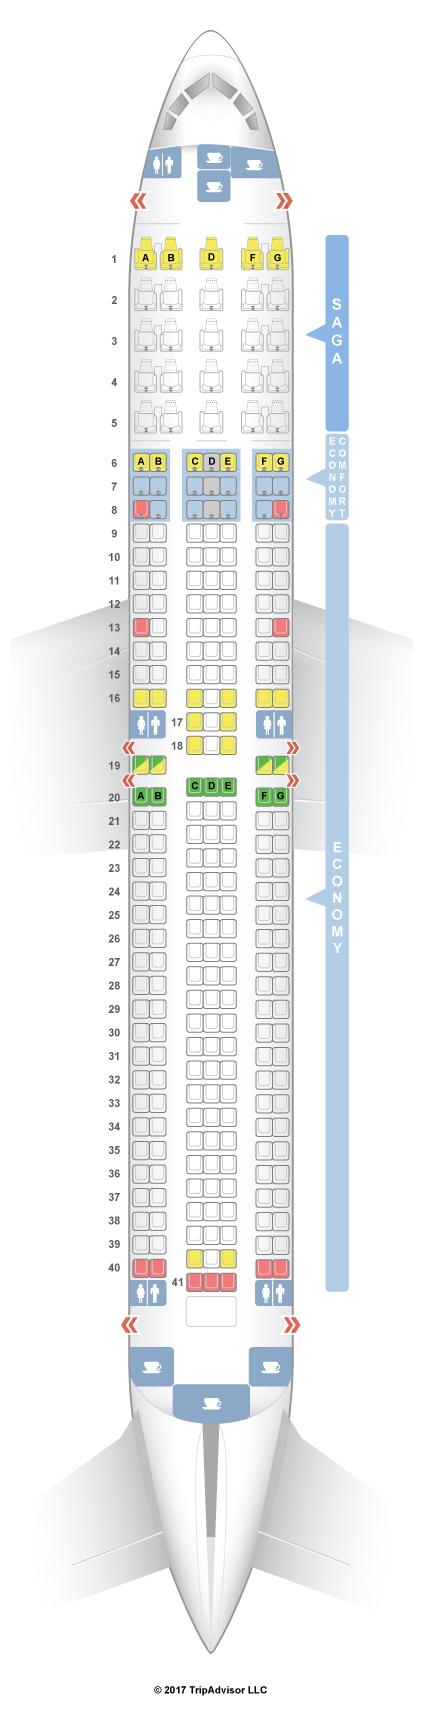 Icelandair Seat Map on seatguru boeing 788 seat map, pan am seat map, privatair seat map, bulgarian air seat map, dragonair seat map, gulf air seat map, aircraft 76w seat map, air macau seat map, atlas air seat map, iran air seat map, saudia seat map, air tahiti seat map, xl airways france seat map, easyjet seat map, airline seat map, red wings seat map, first air seat map, air asia seat map, airberlin seat map, air india 777-300er seat map,